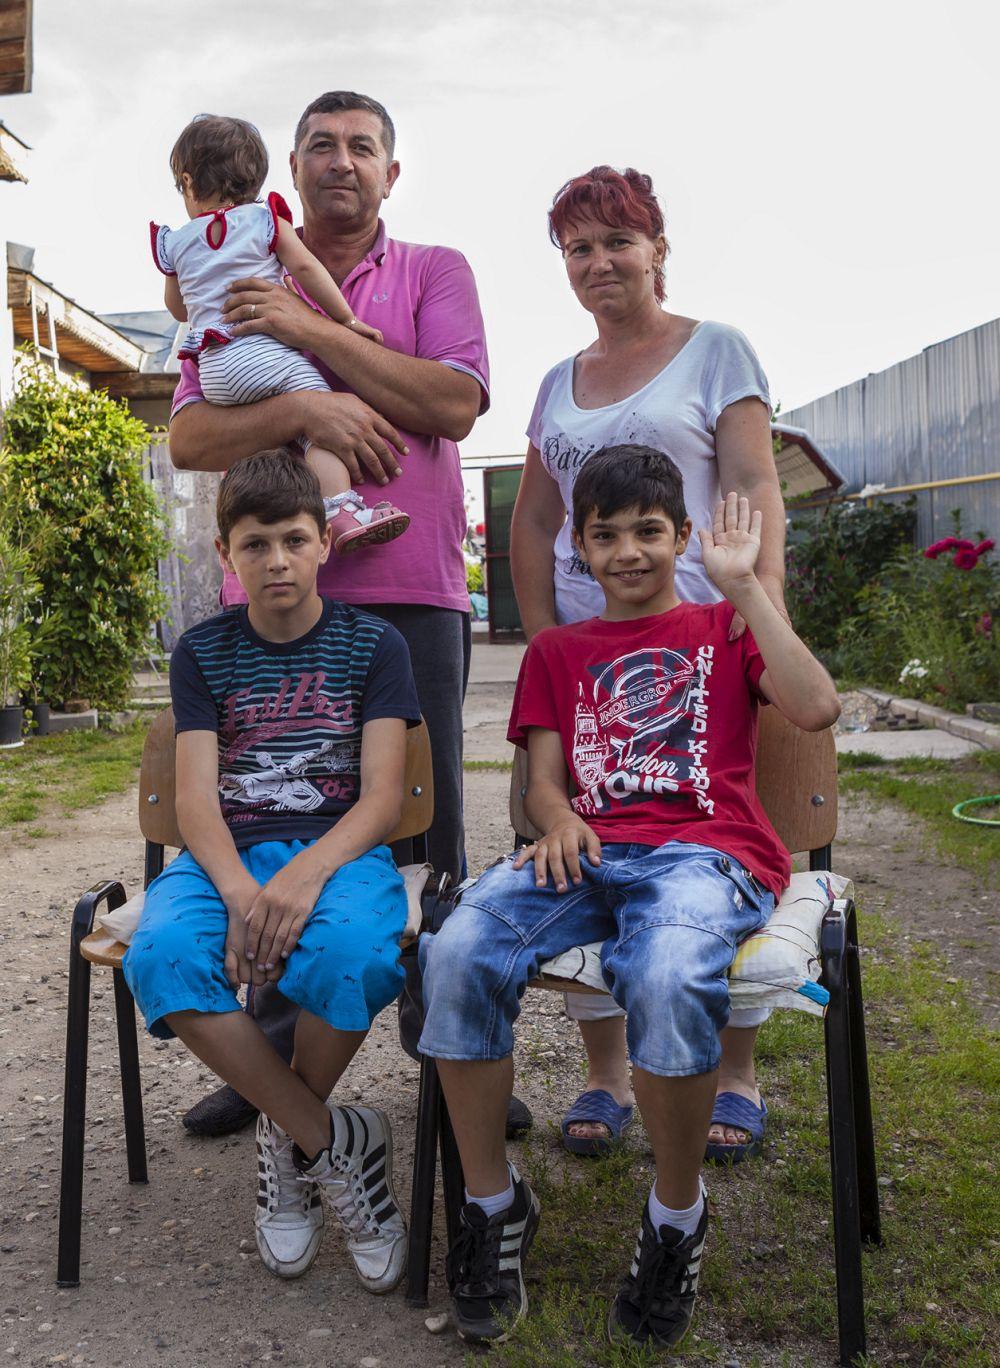 Familia Cristea cu părinții Dan și Mariana încă șocați de surpriza venirii echipei Visuri la cheie, alături de copiii lor.